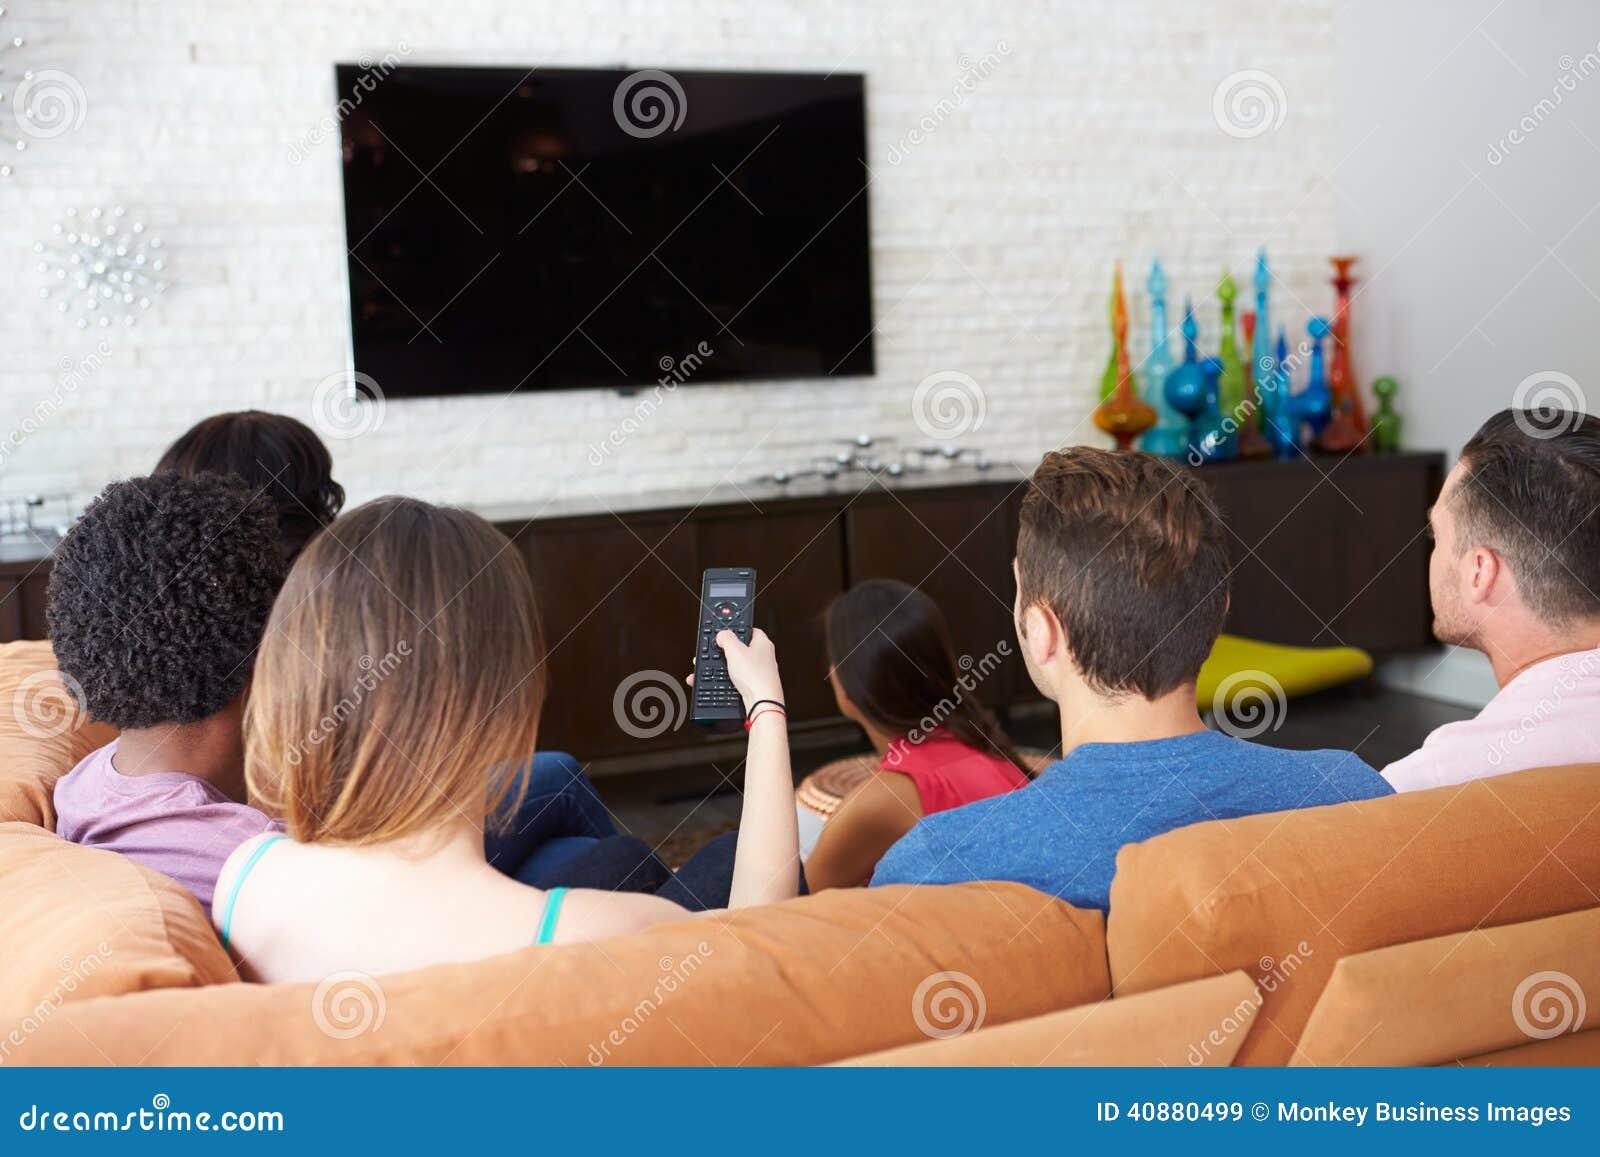 mr: yes pr: no 0 97 0 库存照片: 朋友坐沙发一起看电视的小组 id